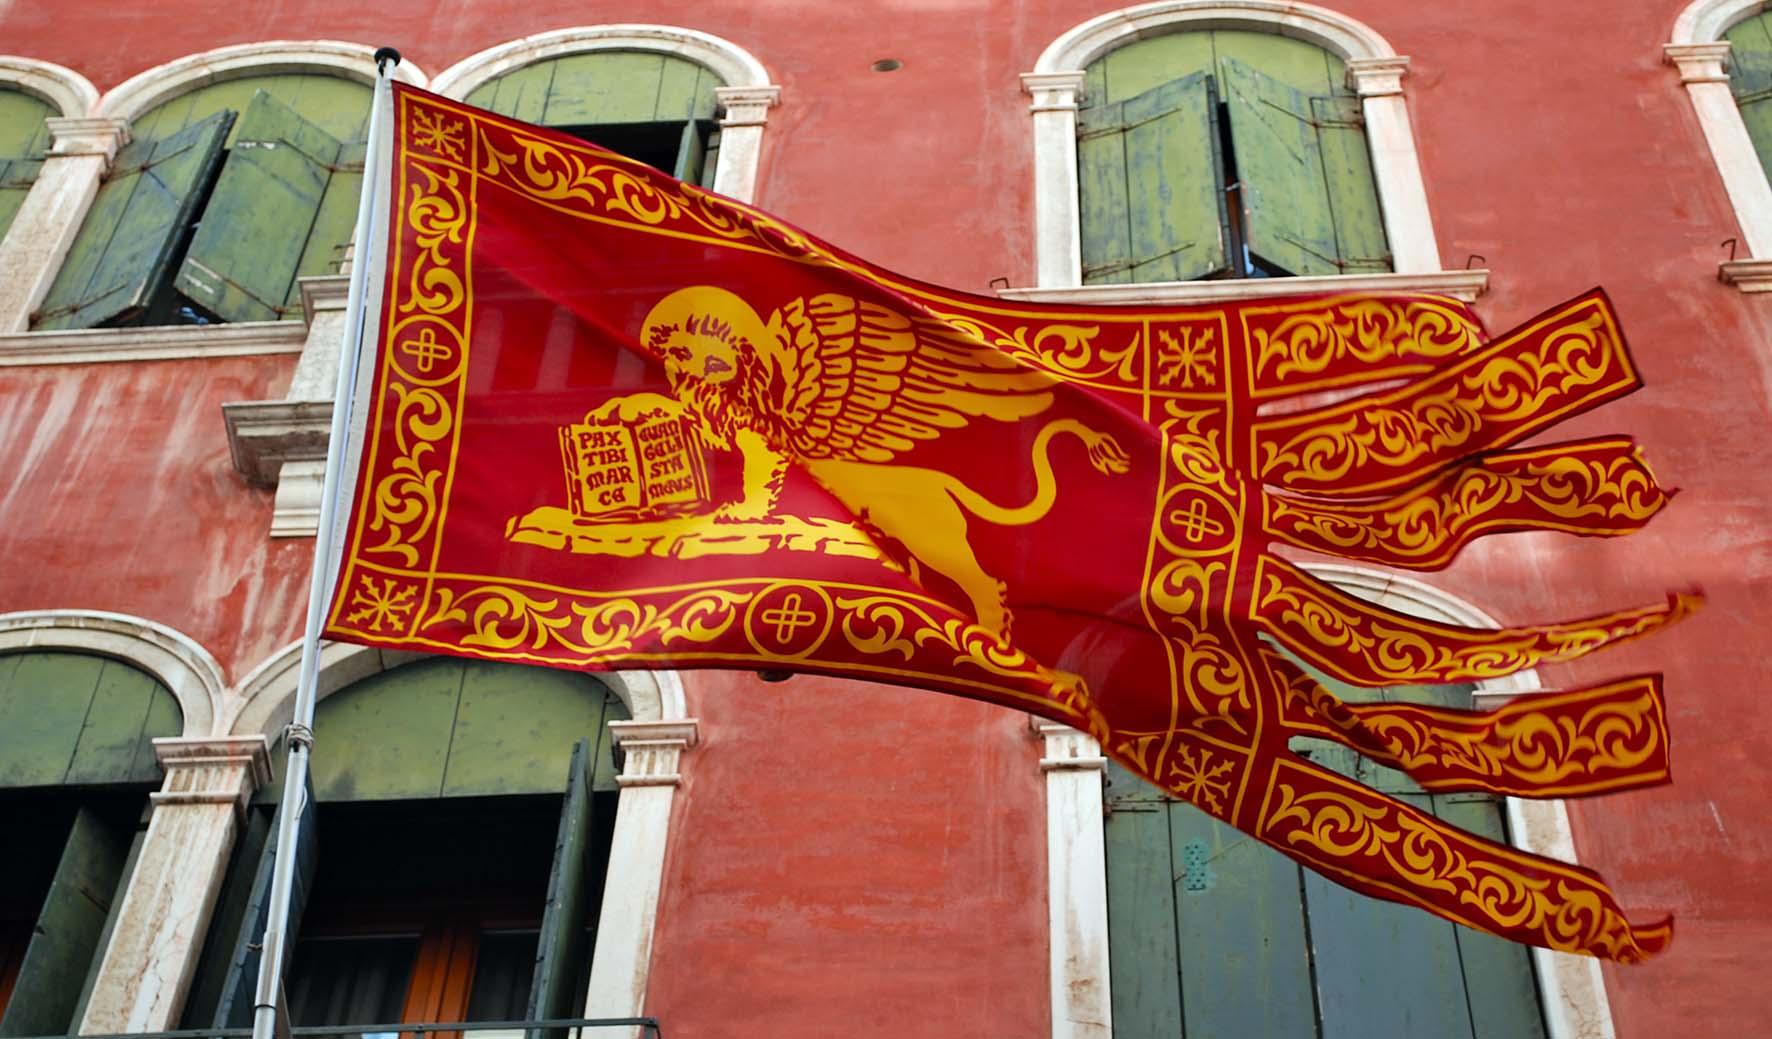 gonfalone bandiera veneto maggiore autonomia